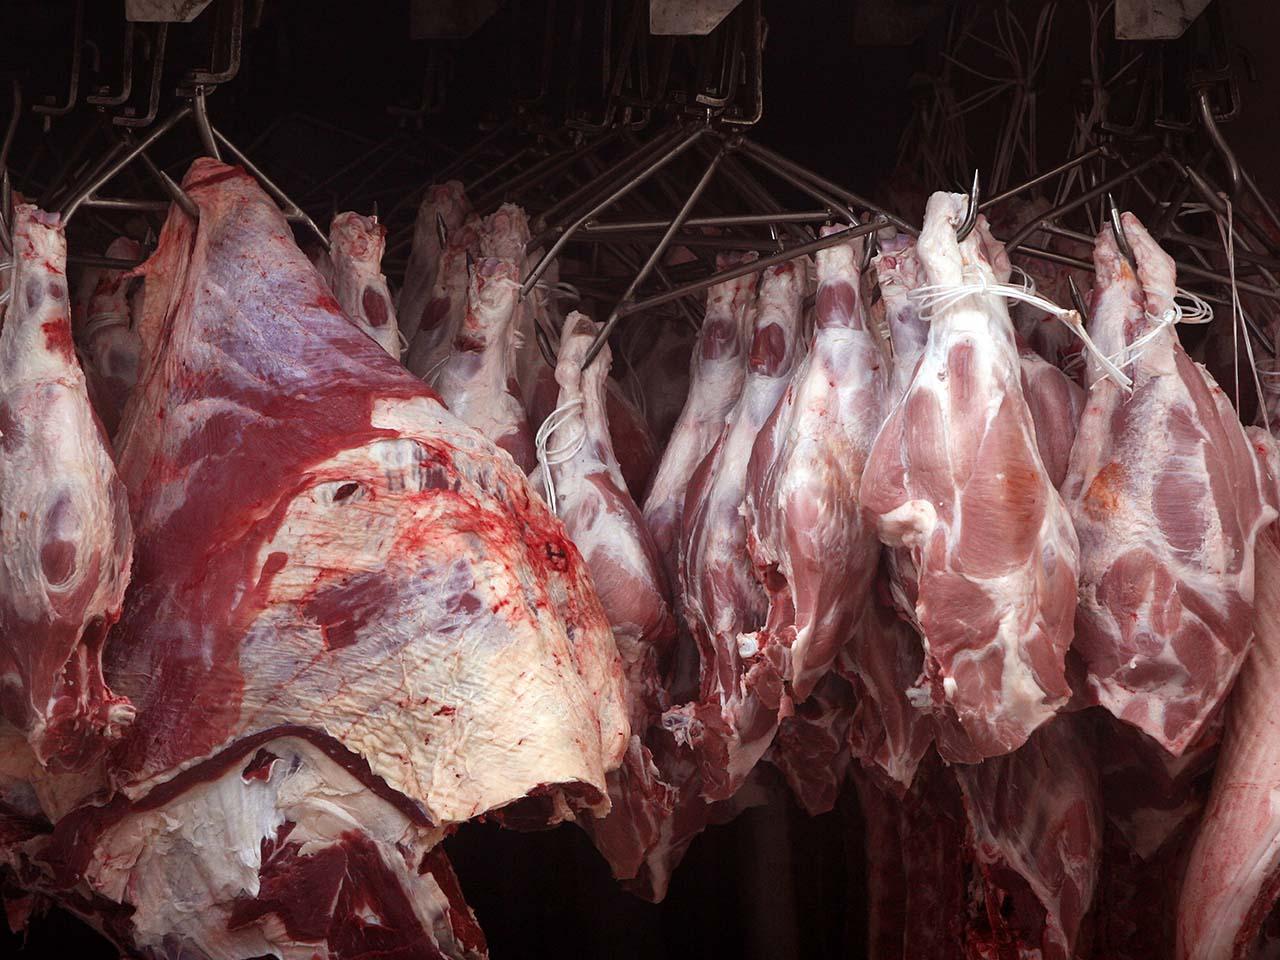 Armazenamento de carnes em açougues e frigoríficos